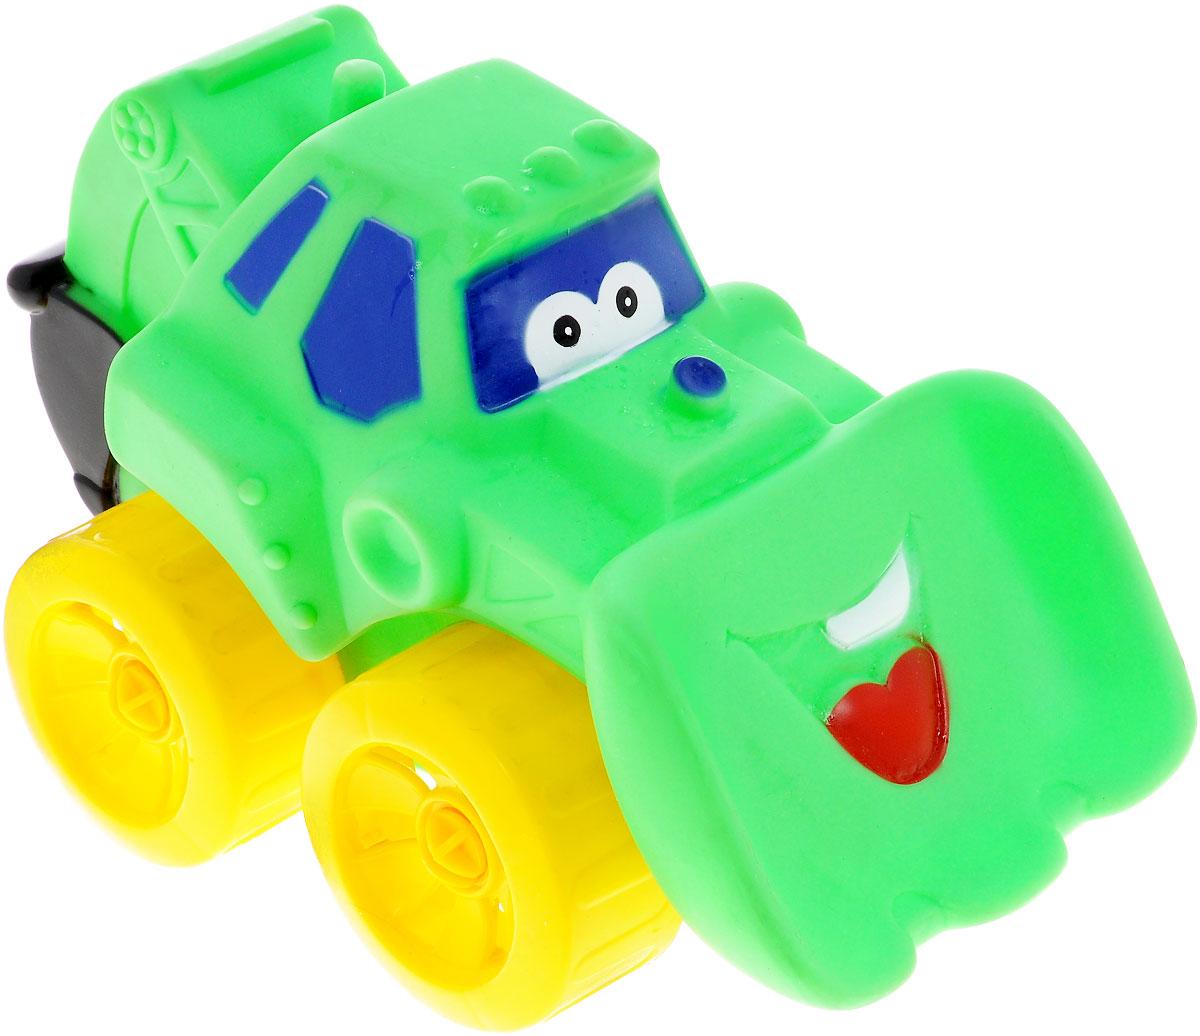 Erpa Бульдозер Tombis цвет зеленый желтый660931_зеленый, желтыйЯркая машинка-бульдозер Erpa Tombis понравится вашему малышу. Машинка выполнена из высококачественного мягкого пластика. Большие колеса со свободным ходом обеспечивают хорошую проходимость. Такая игрушка способствует развитию у малыша тактильных ощущений, мелкой моторики рук и координации движений.